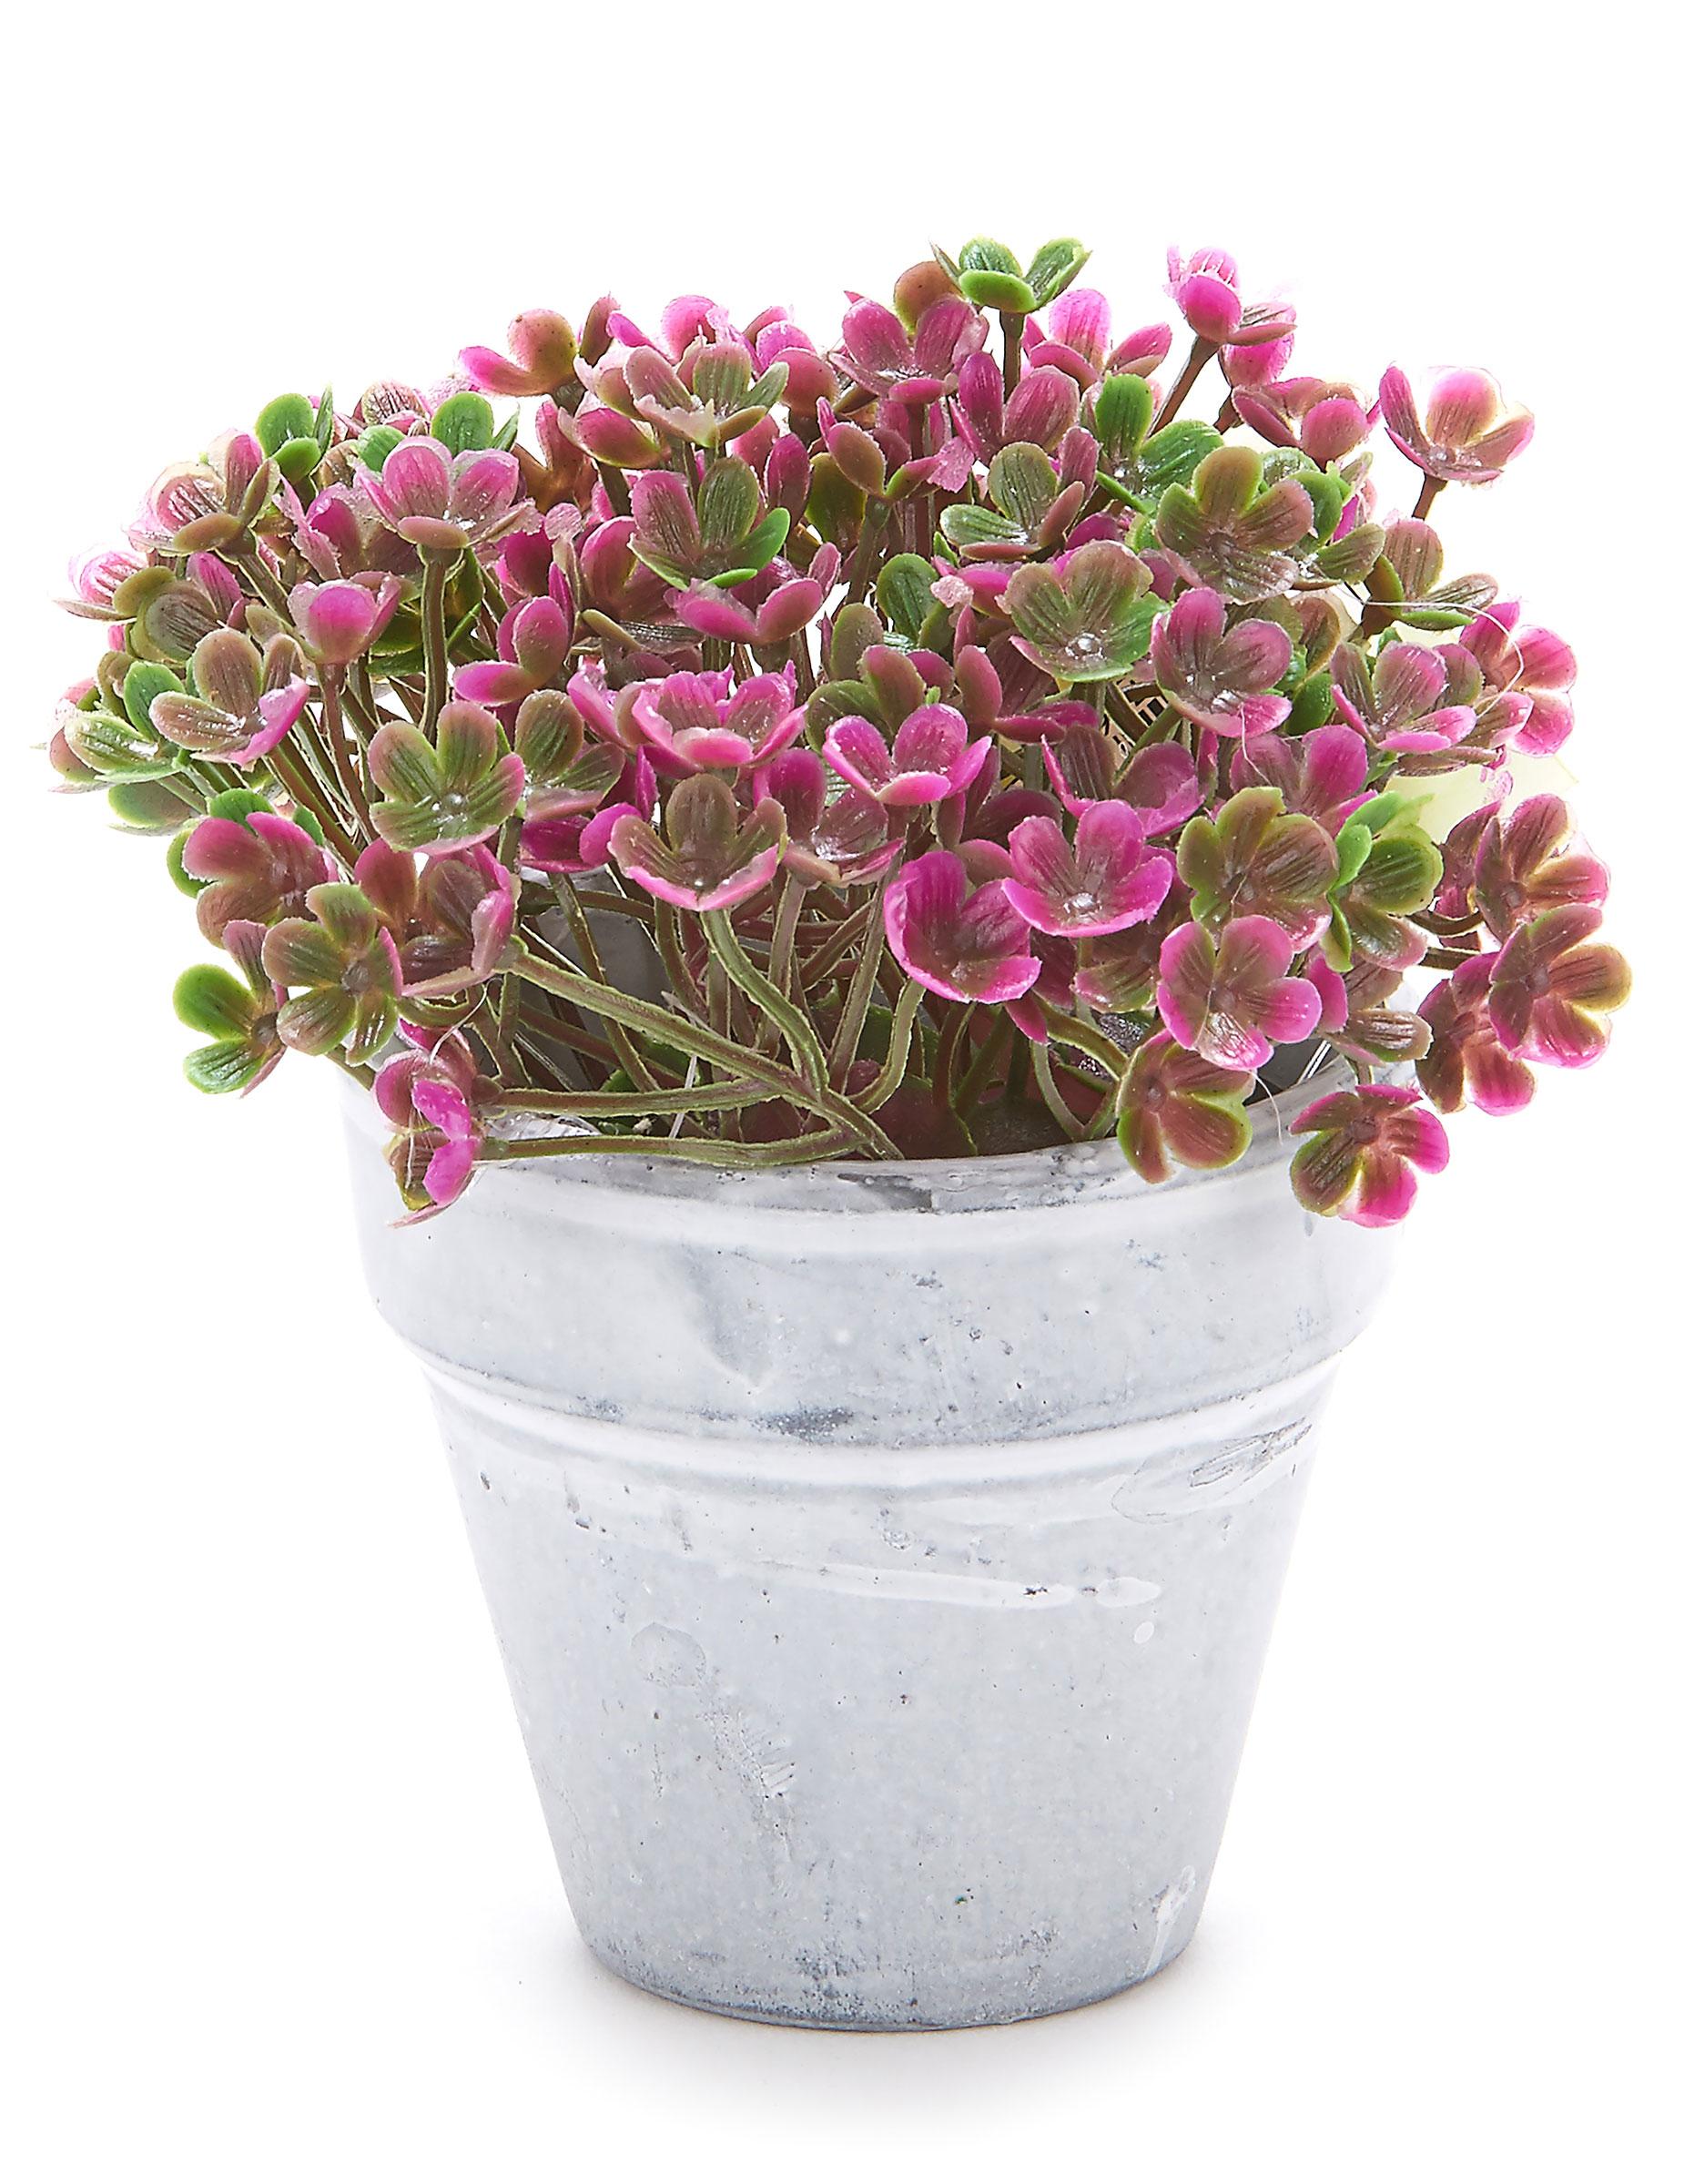 petit pot fleurs artificielles fuchsia d coration anniversaire et f tes th me sur vegaoo party. Black Bedroom Furniture Sets. Home Design Ideas